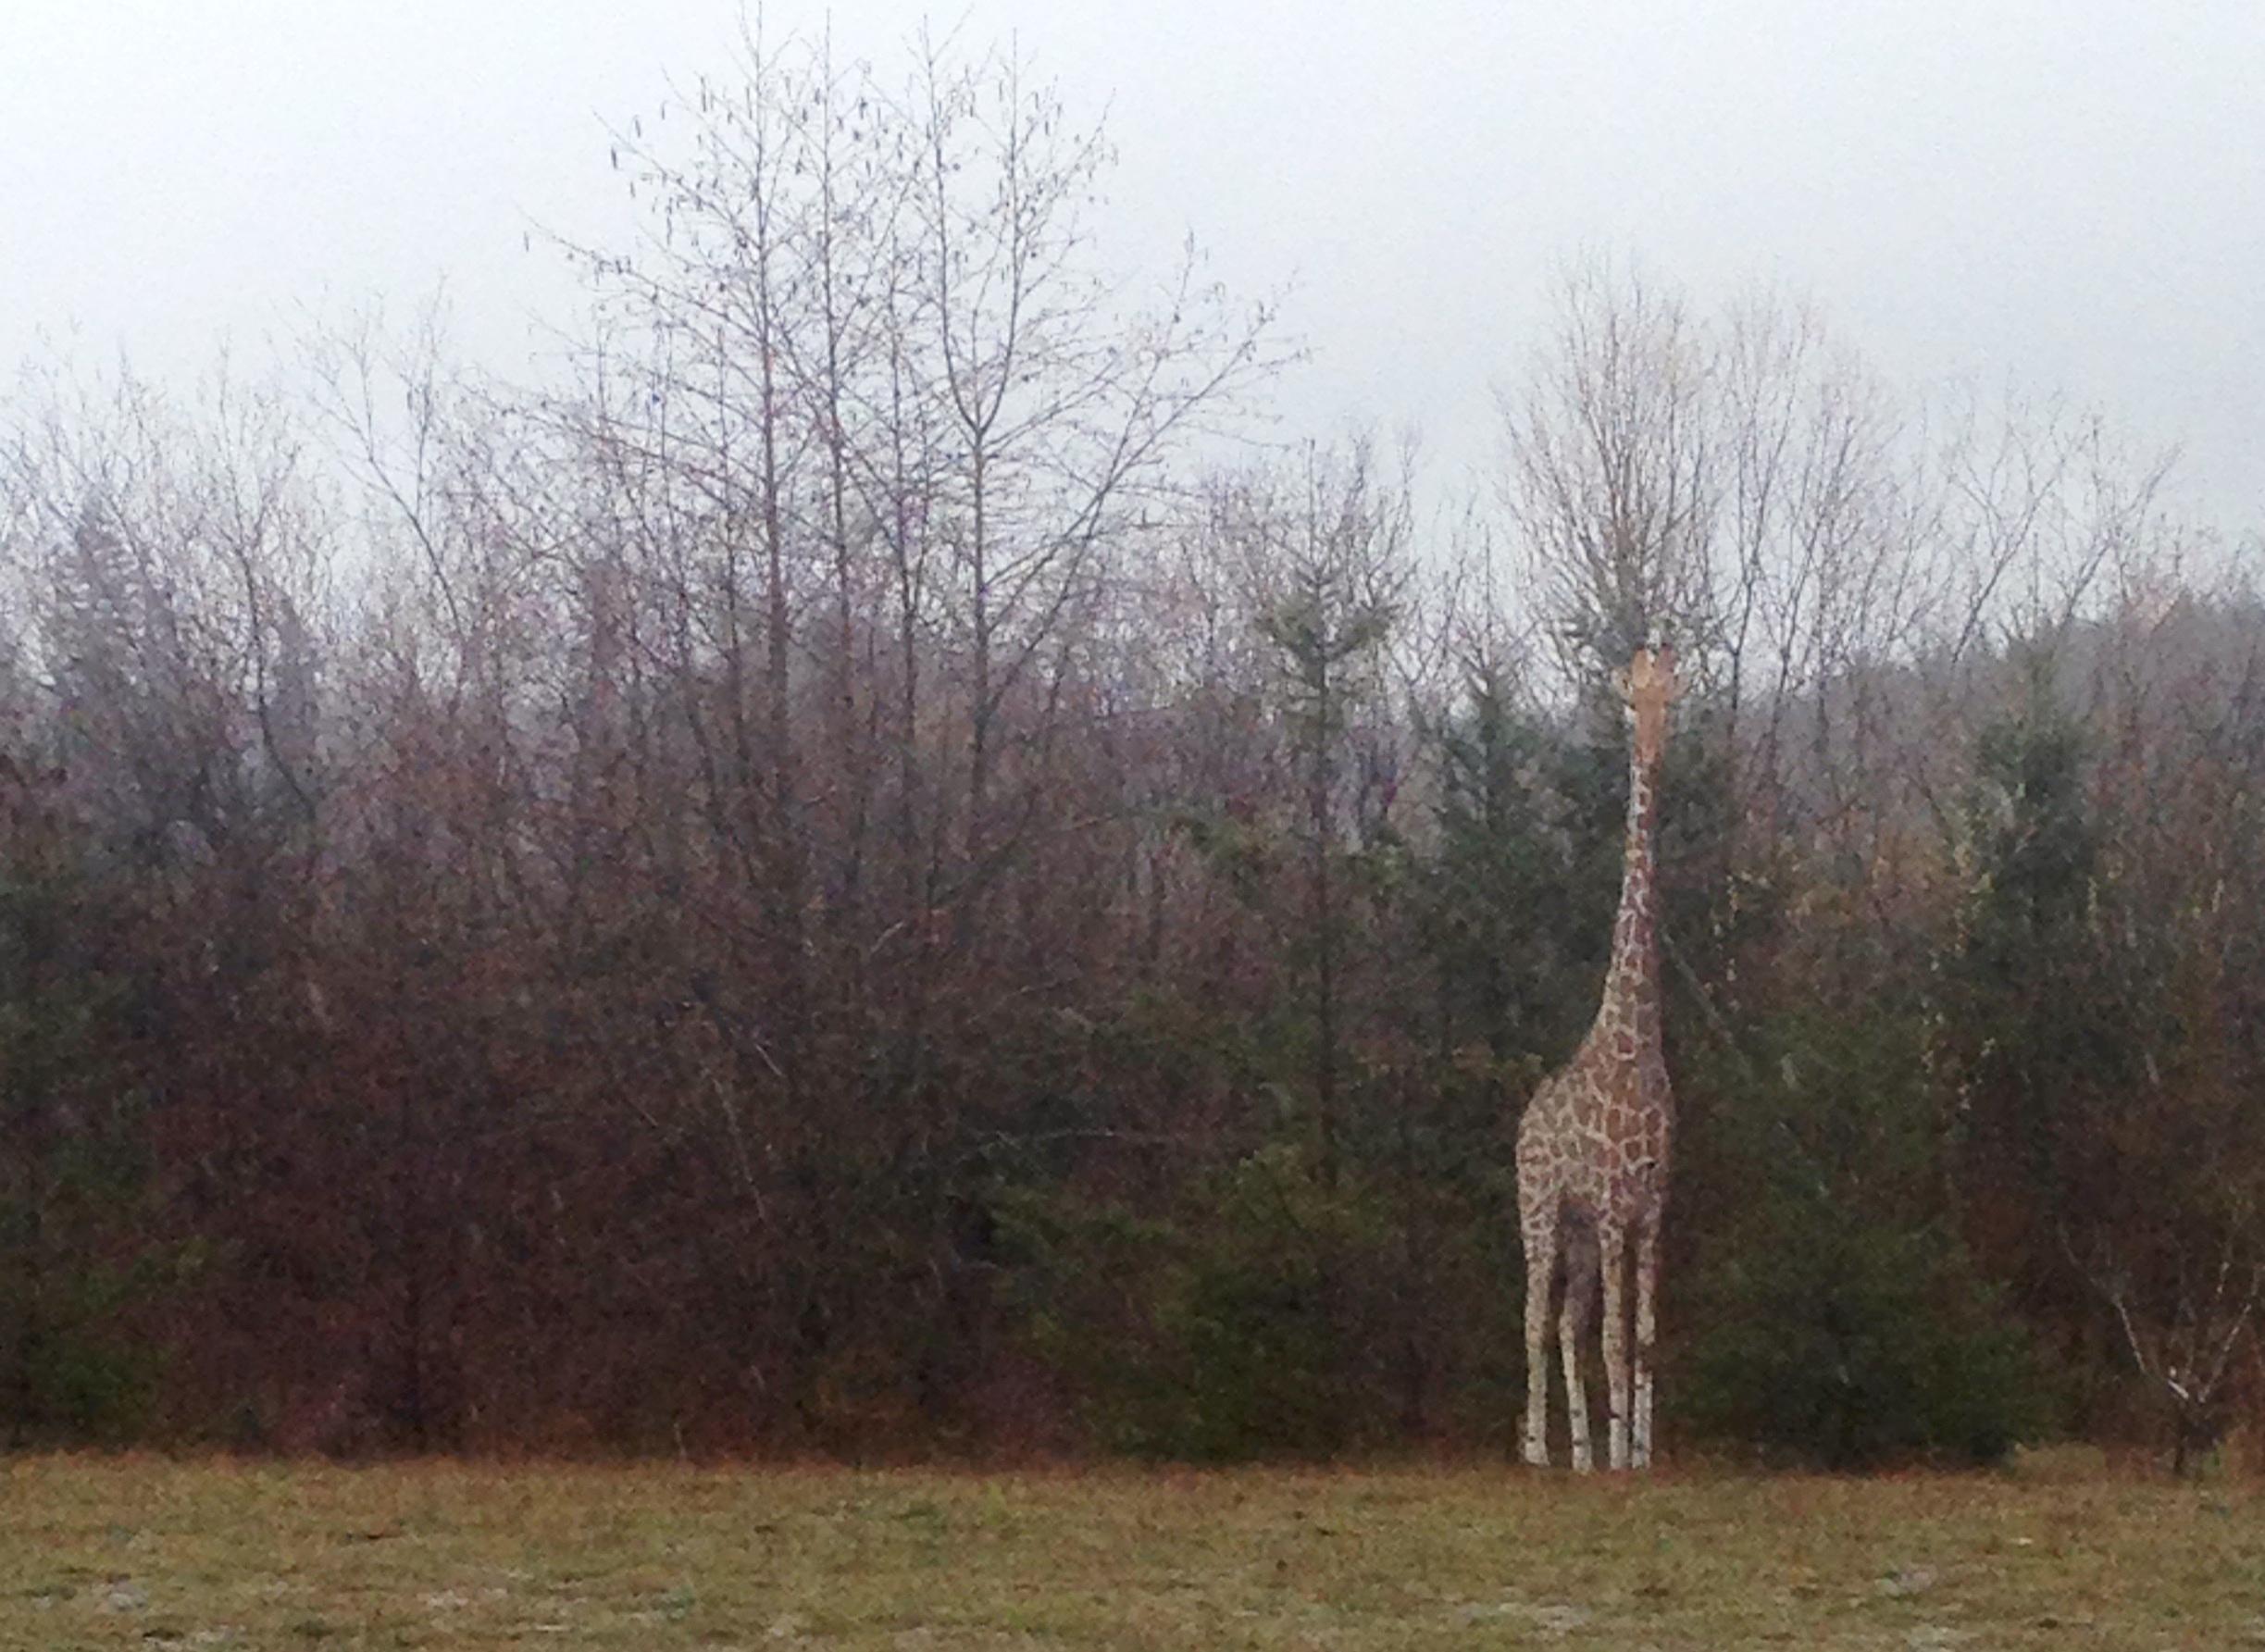 A giraffe in Western Washington? Photo by Deborah Kidd.